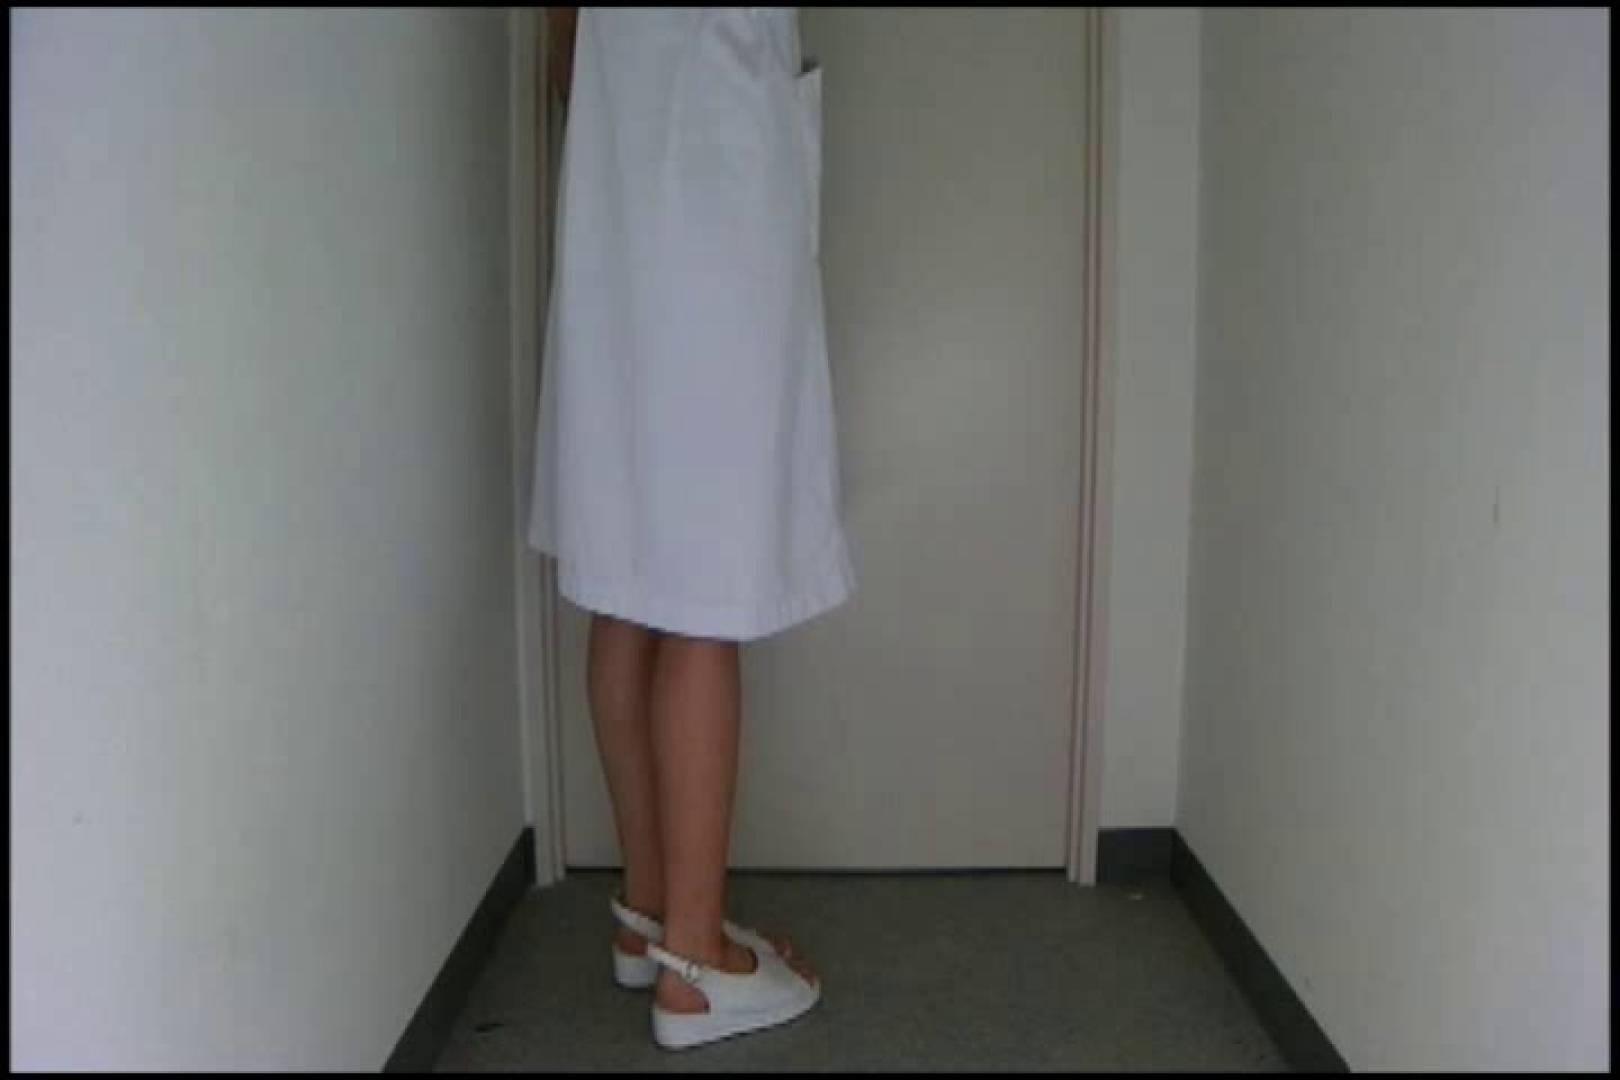 和式にまたがる女たちを待ちうけるカメラの衝撃映像vol.04 盗撮 オマンコ動画キャプチャ 58画像 33